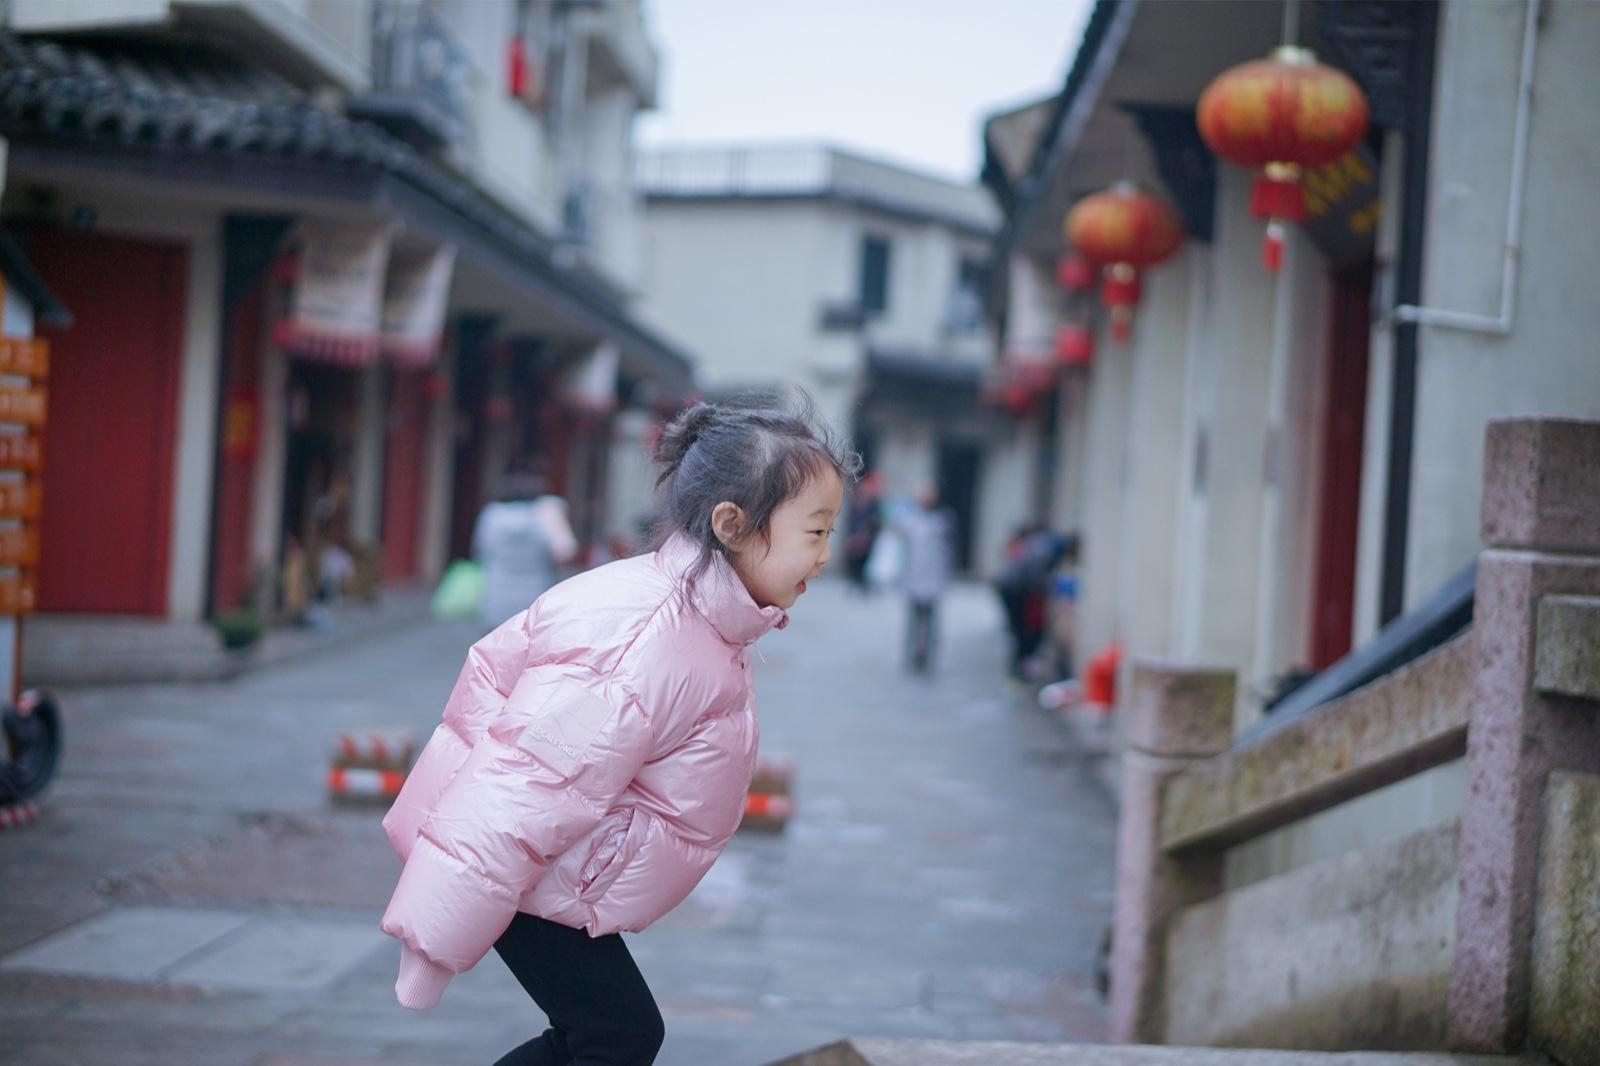 【新年轻度假】从萧山,开启一场探寻年味的旅程